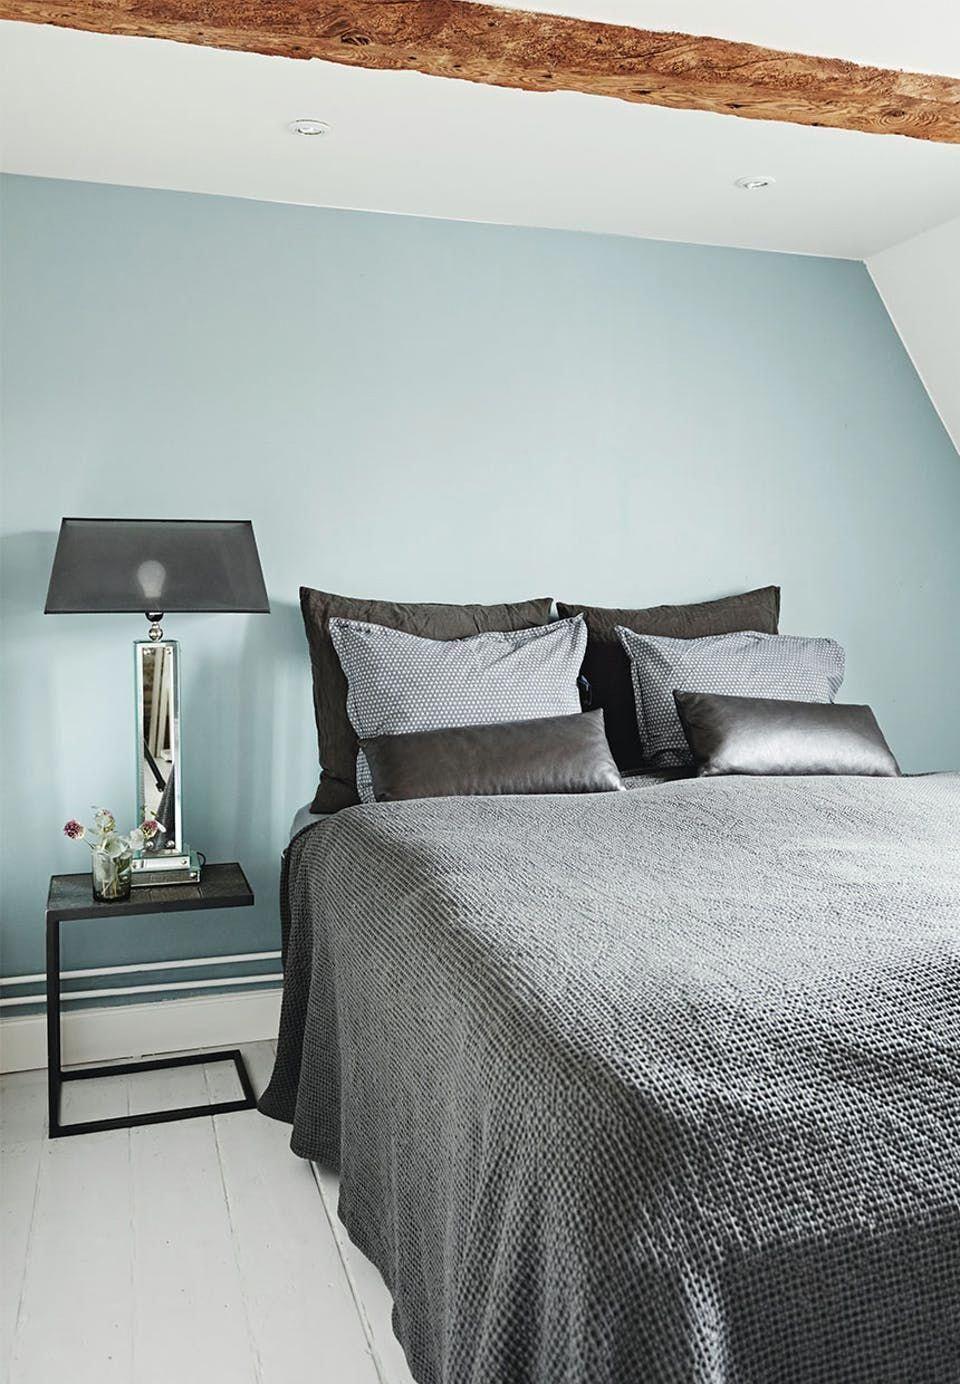 pinfrejsen on ideer til værelse  blue bedroom light